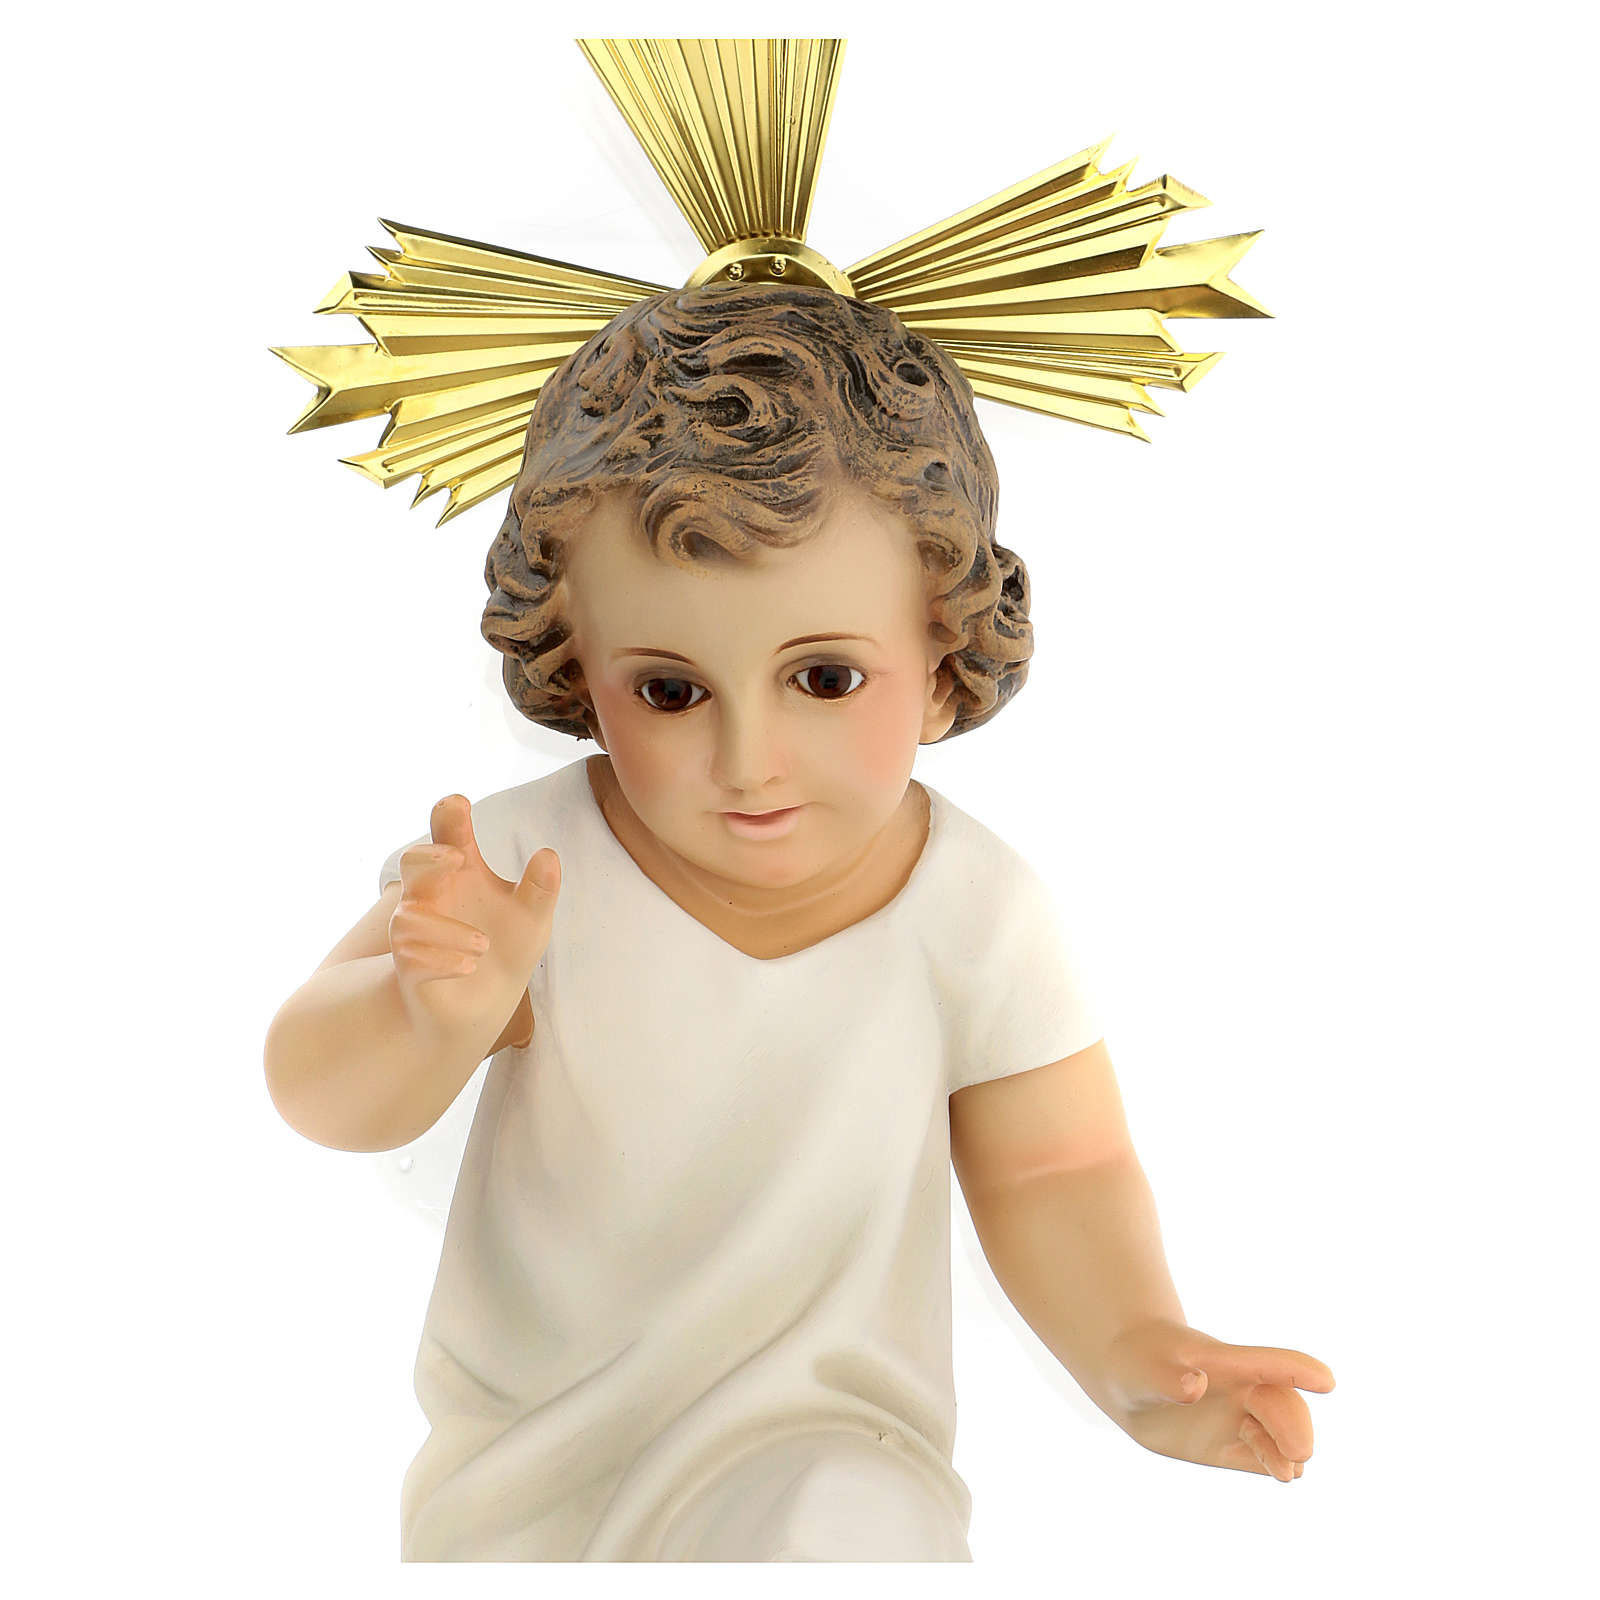 Bambinello statua pasta legno veste panna 35 cm dec. elegante 3